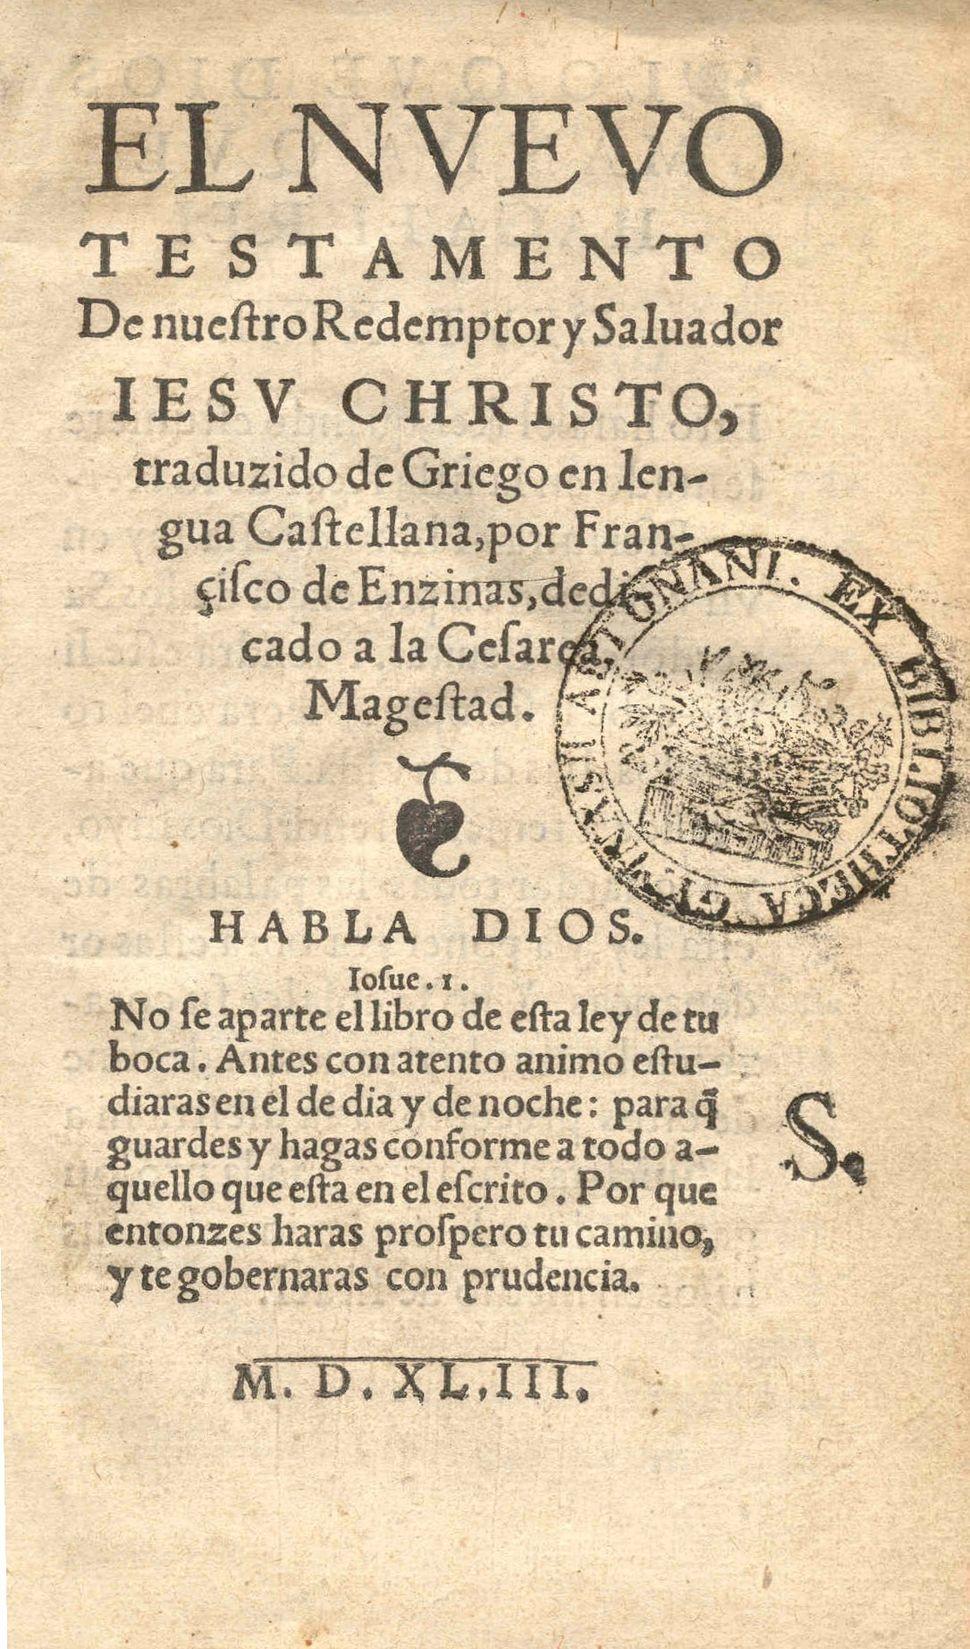 Francisco de Enzinas-Nuevo Testamento.001